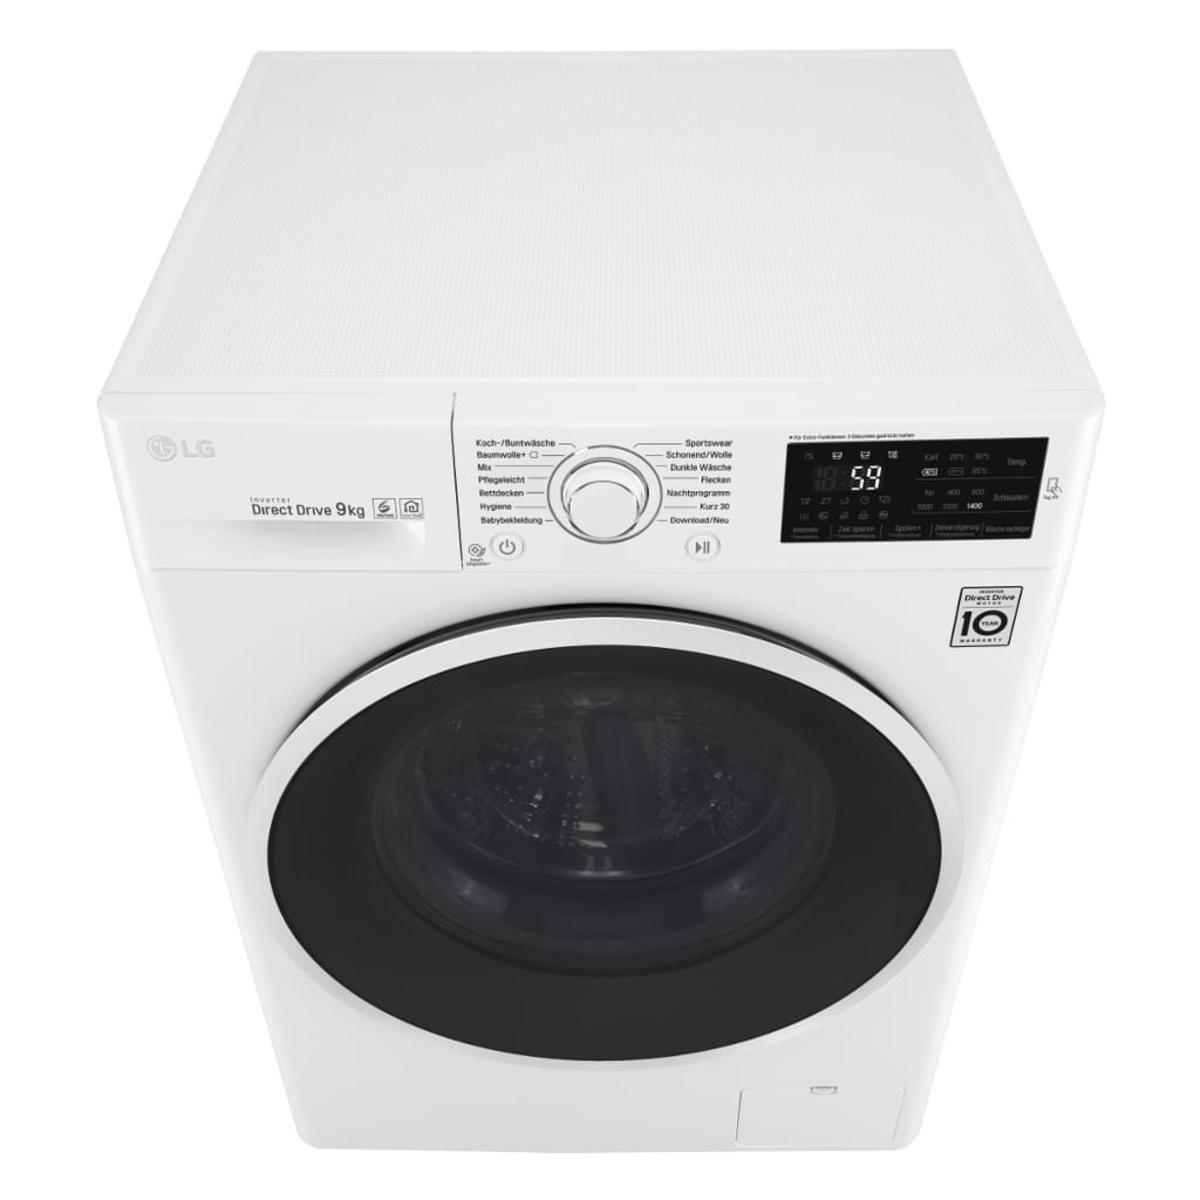 Bild 5 von LG Waschmaschine F 14 WM9 EN0 A+++